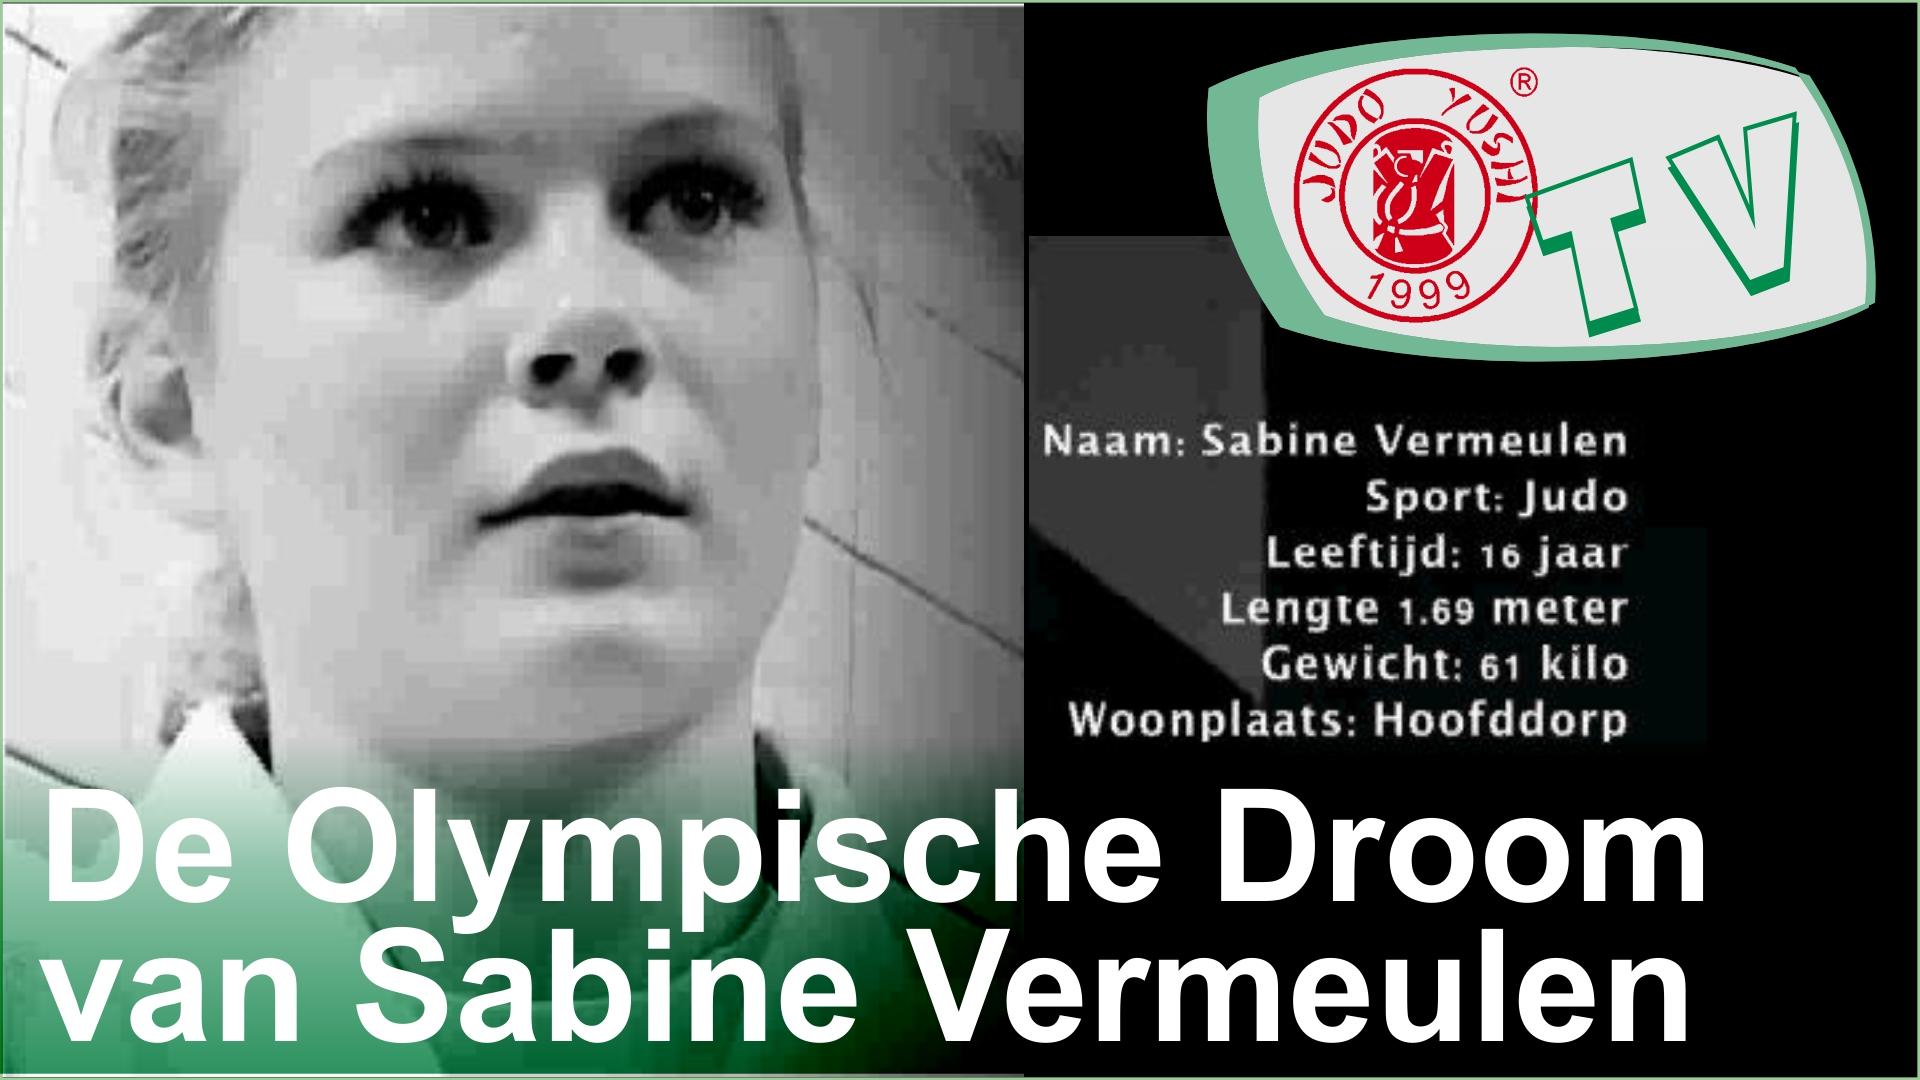 De Olympische droom van Sabine Vermeulen